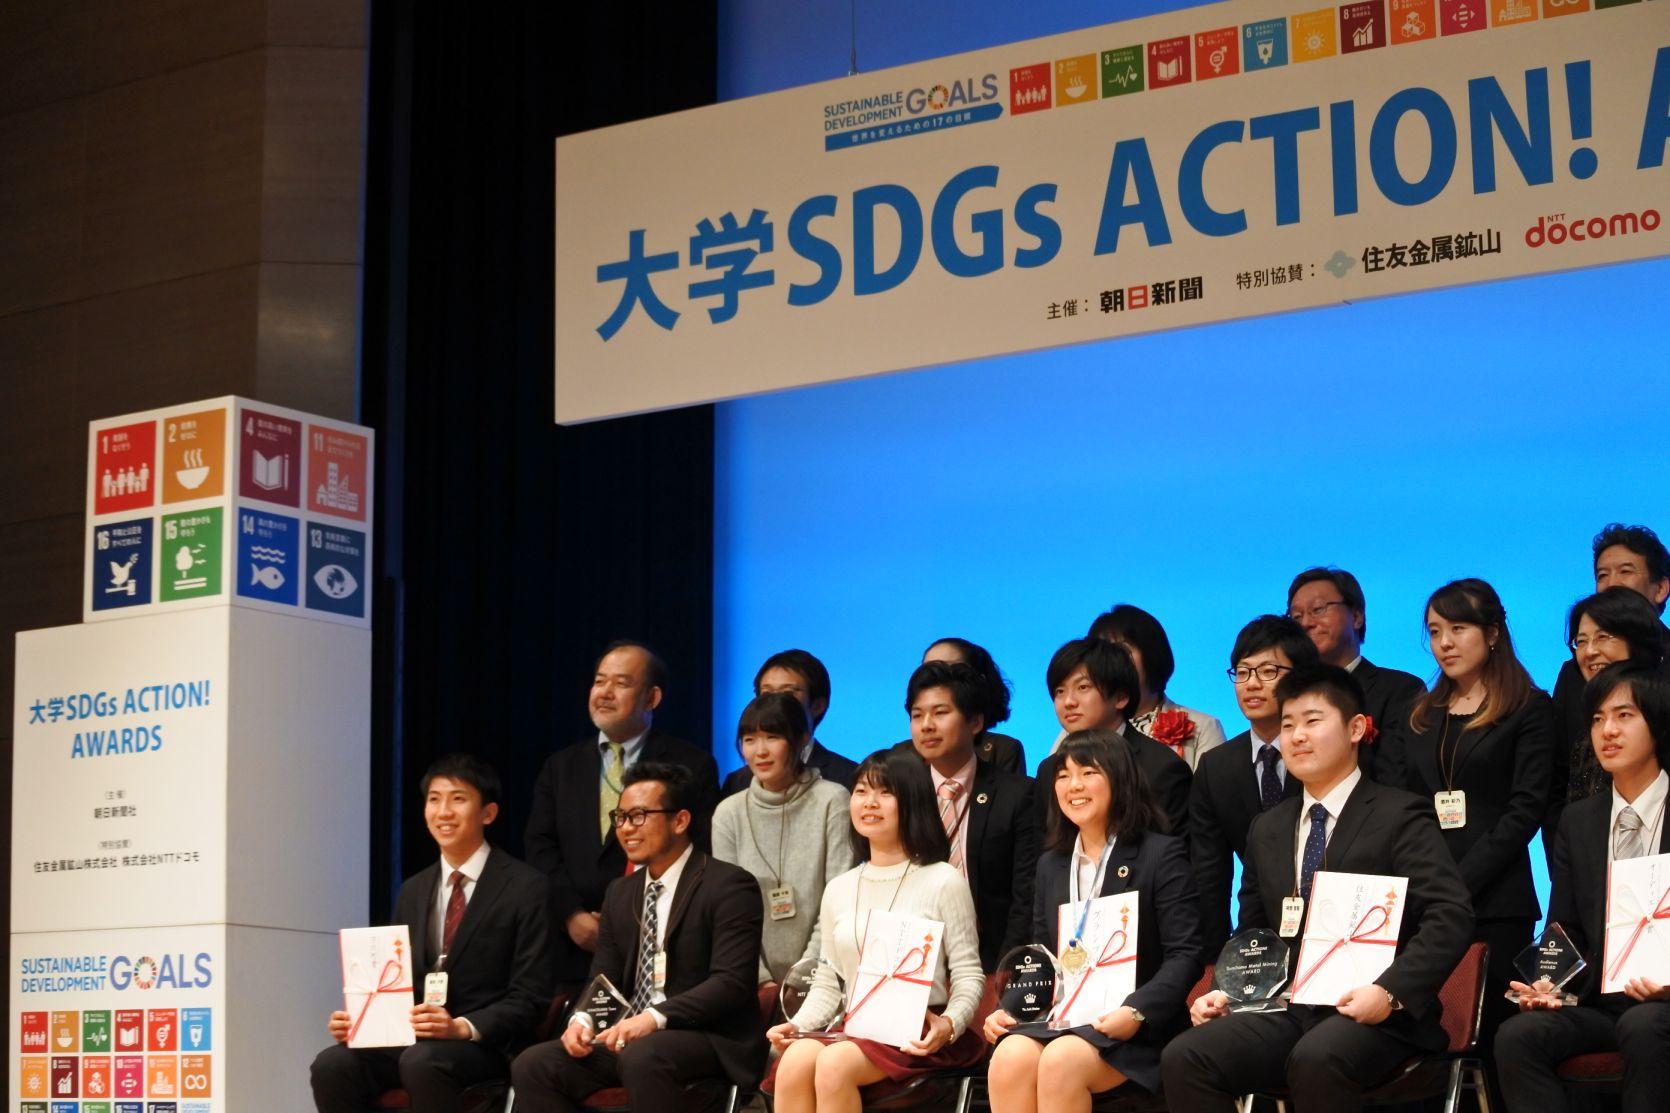 【お知らせ】大学 SDGs ACTION! AWAEDSでグランプリを受賞